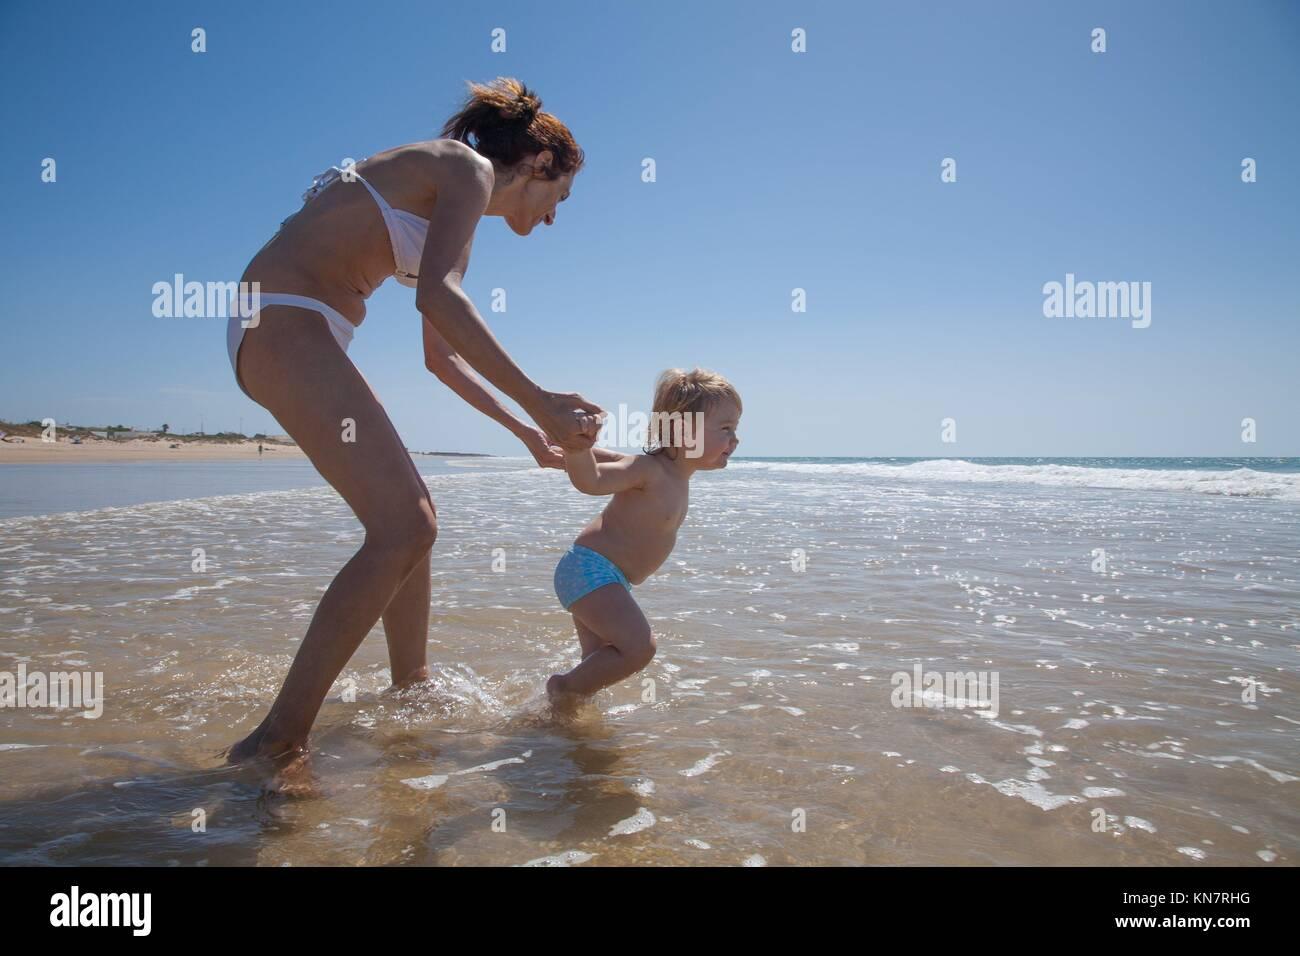 Sommerurlaub mit der Familie von zwei Jahren blond Baby brave mit blauen Badeanzug zu Fuß und ziehen Frau Mutter Stockbild